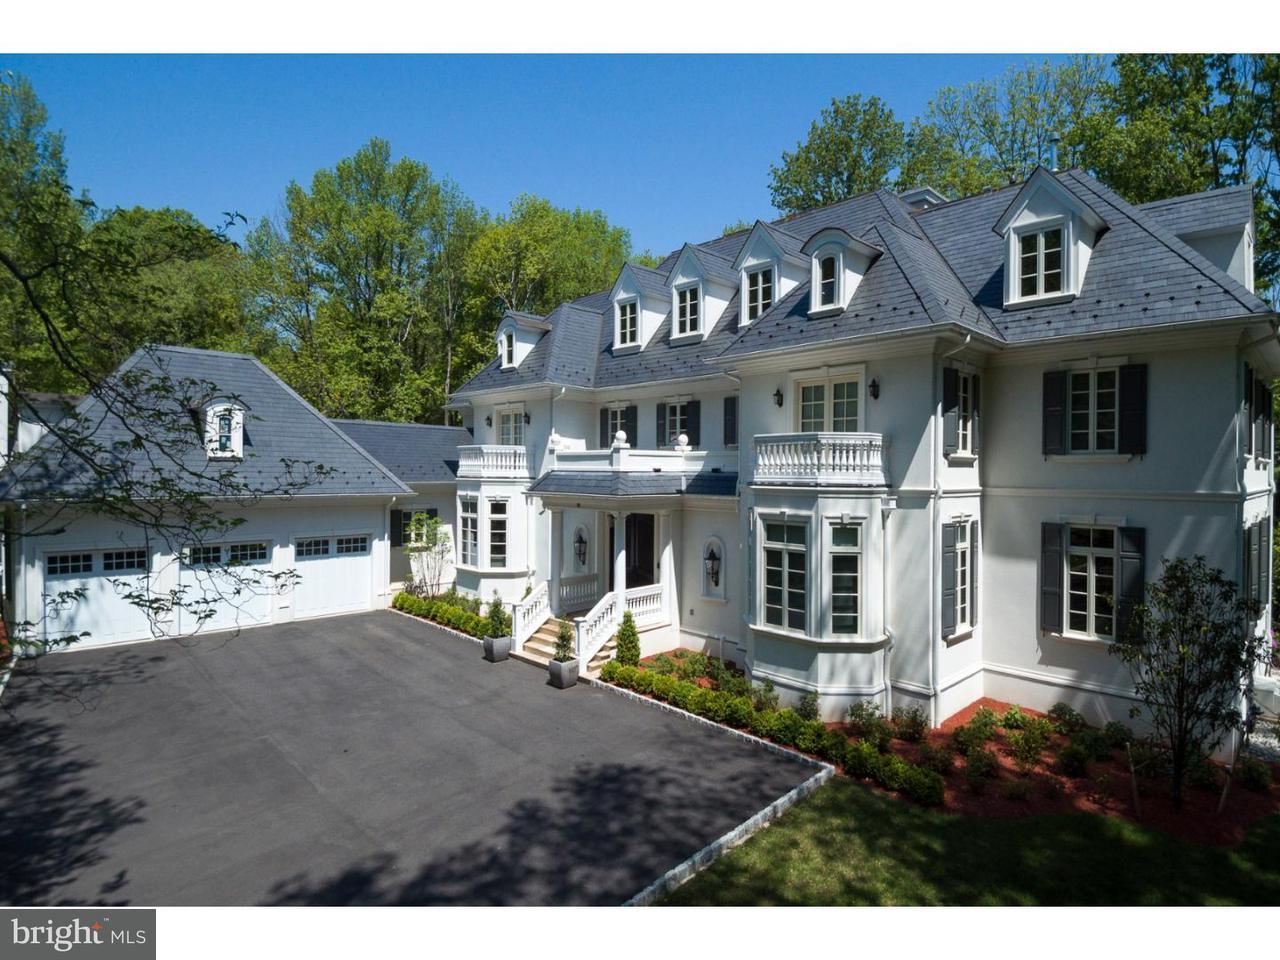 Частный односемейный дом для того Аренда на 88 STONY BROOK Lane Princeton, Нью-Джерси 08540 Соединенные ШтатыВ/Около: Princeton